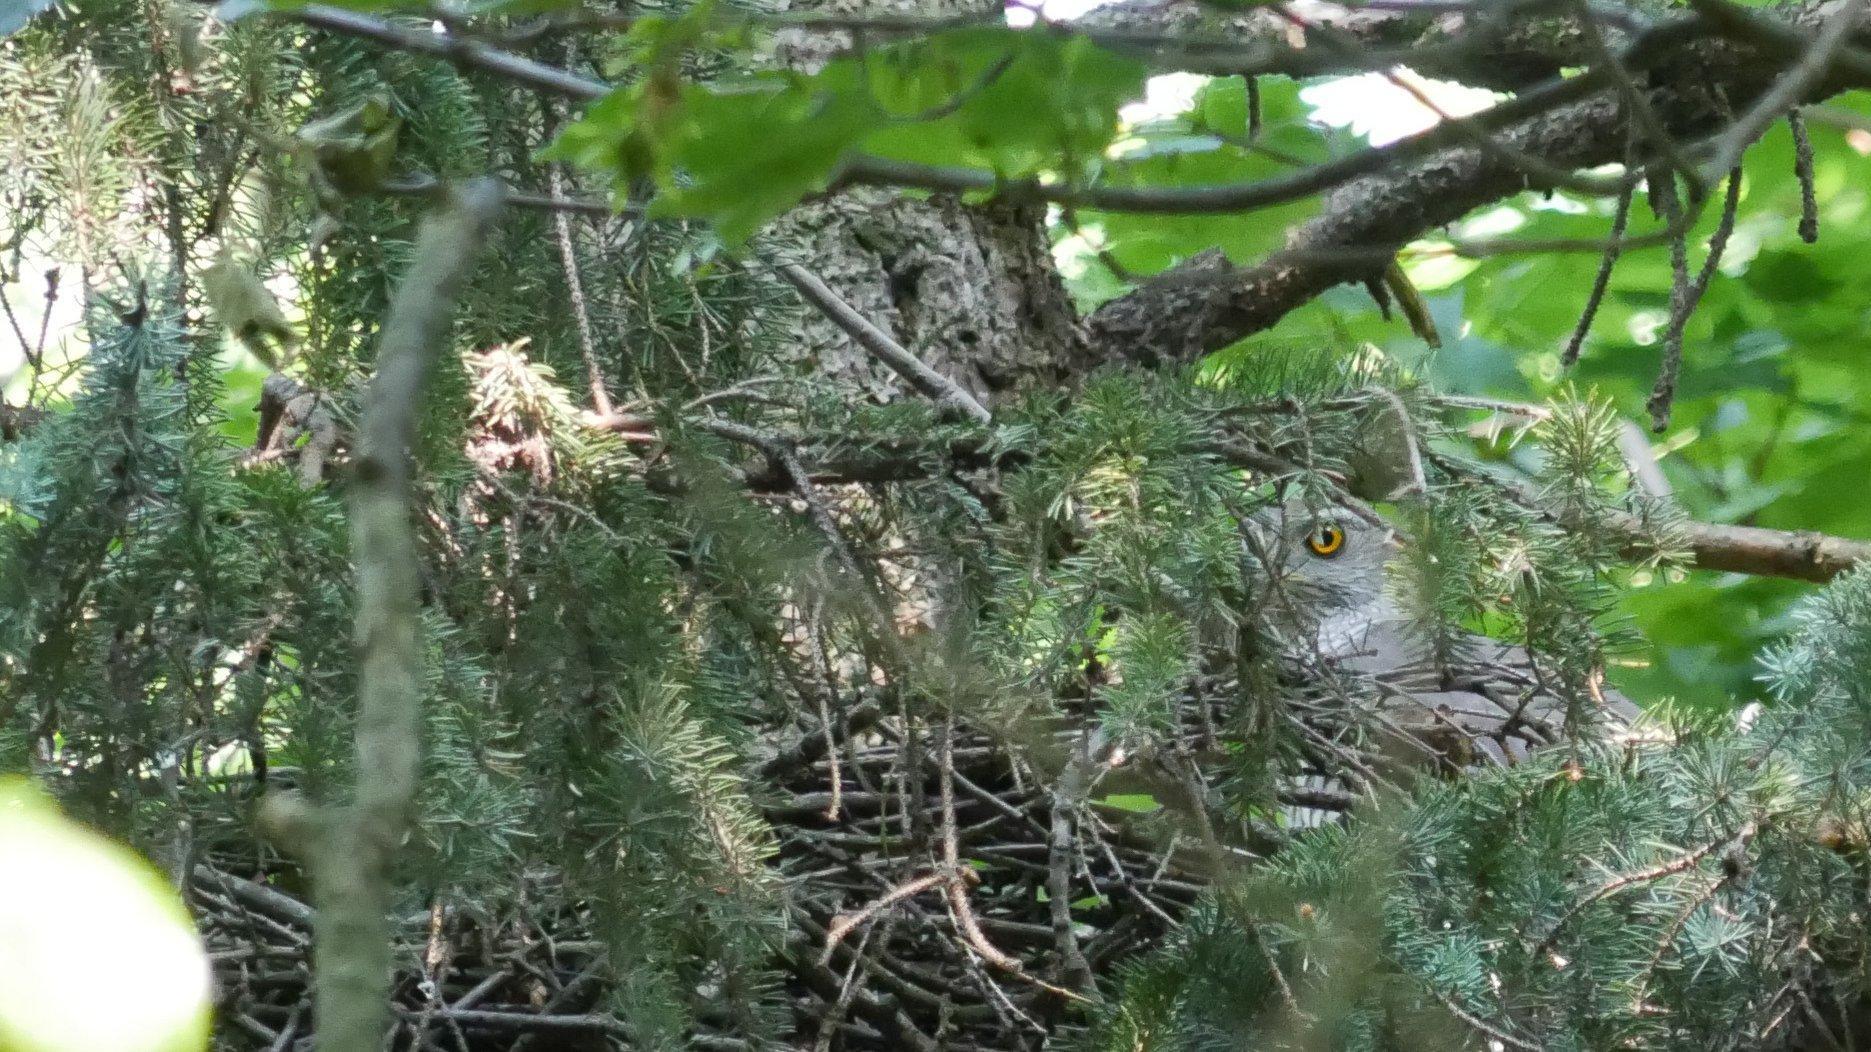 Durch die Äste eines Nadelbaumes ist ein oranges Auge eines grauen Vogels zu sehen.